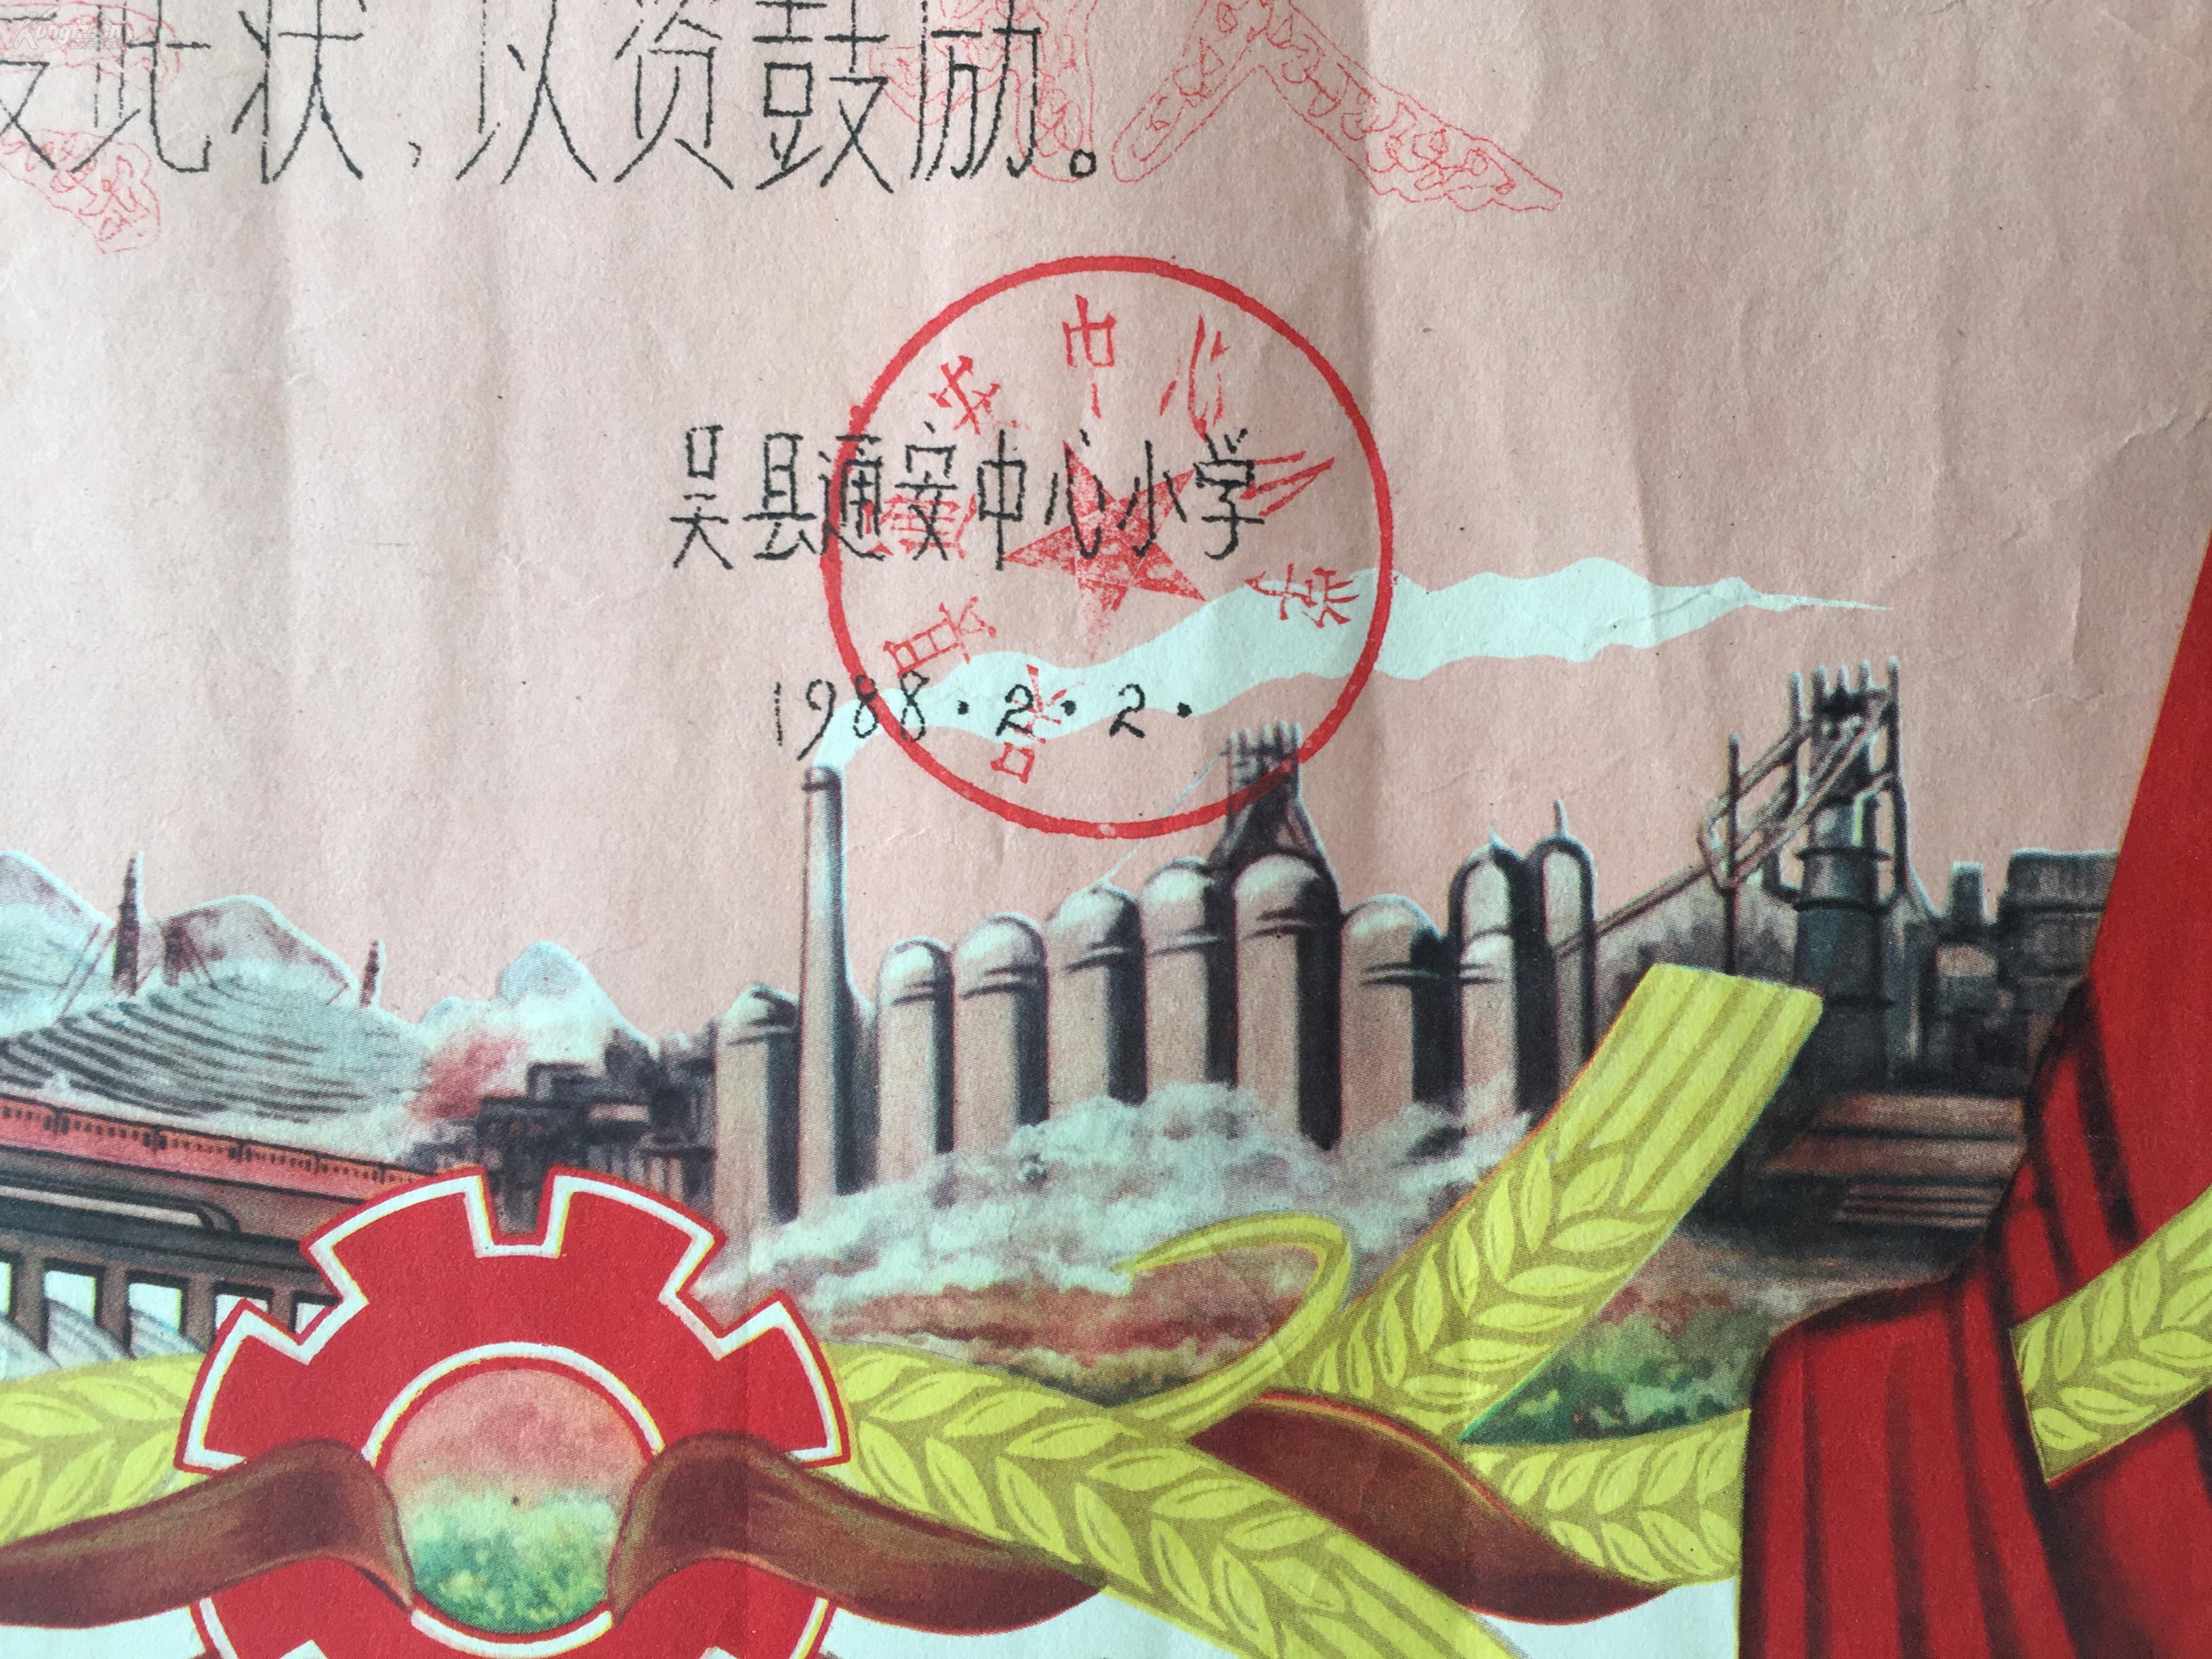 1988年吴县(苏州)通安中心奖状《高小》盖有学江小学图片